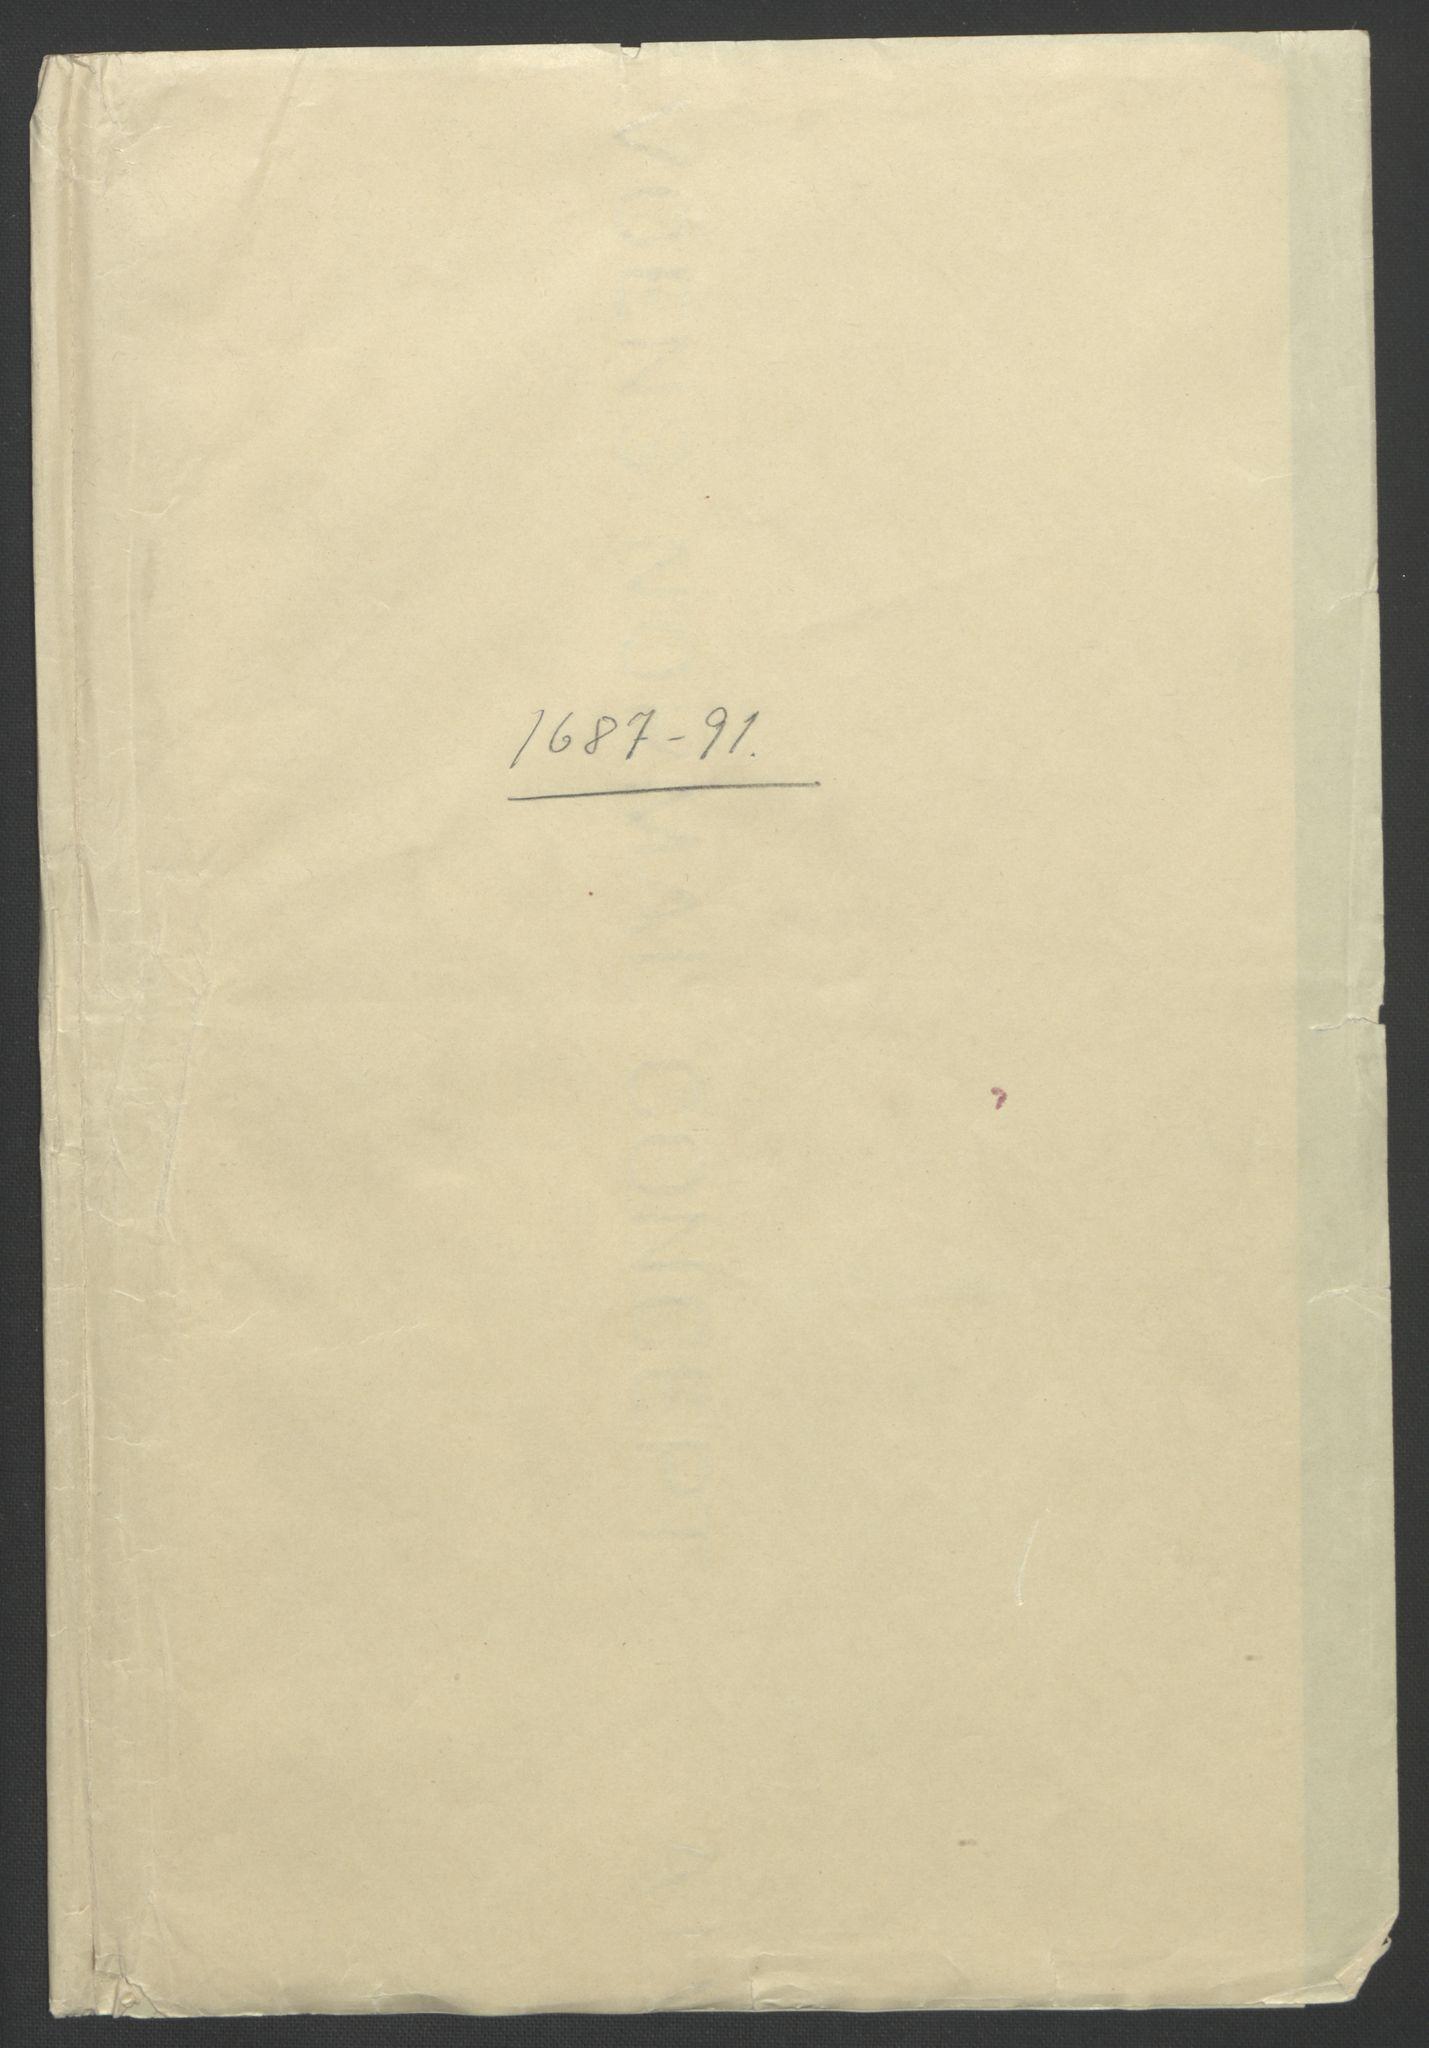 RA, Rentekammeret inntil 1814, Reviderte regnskaper, Fogderegnskap, R56/L3734: Fogderegnskap Nordmøre, 1690-1691, s. 461